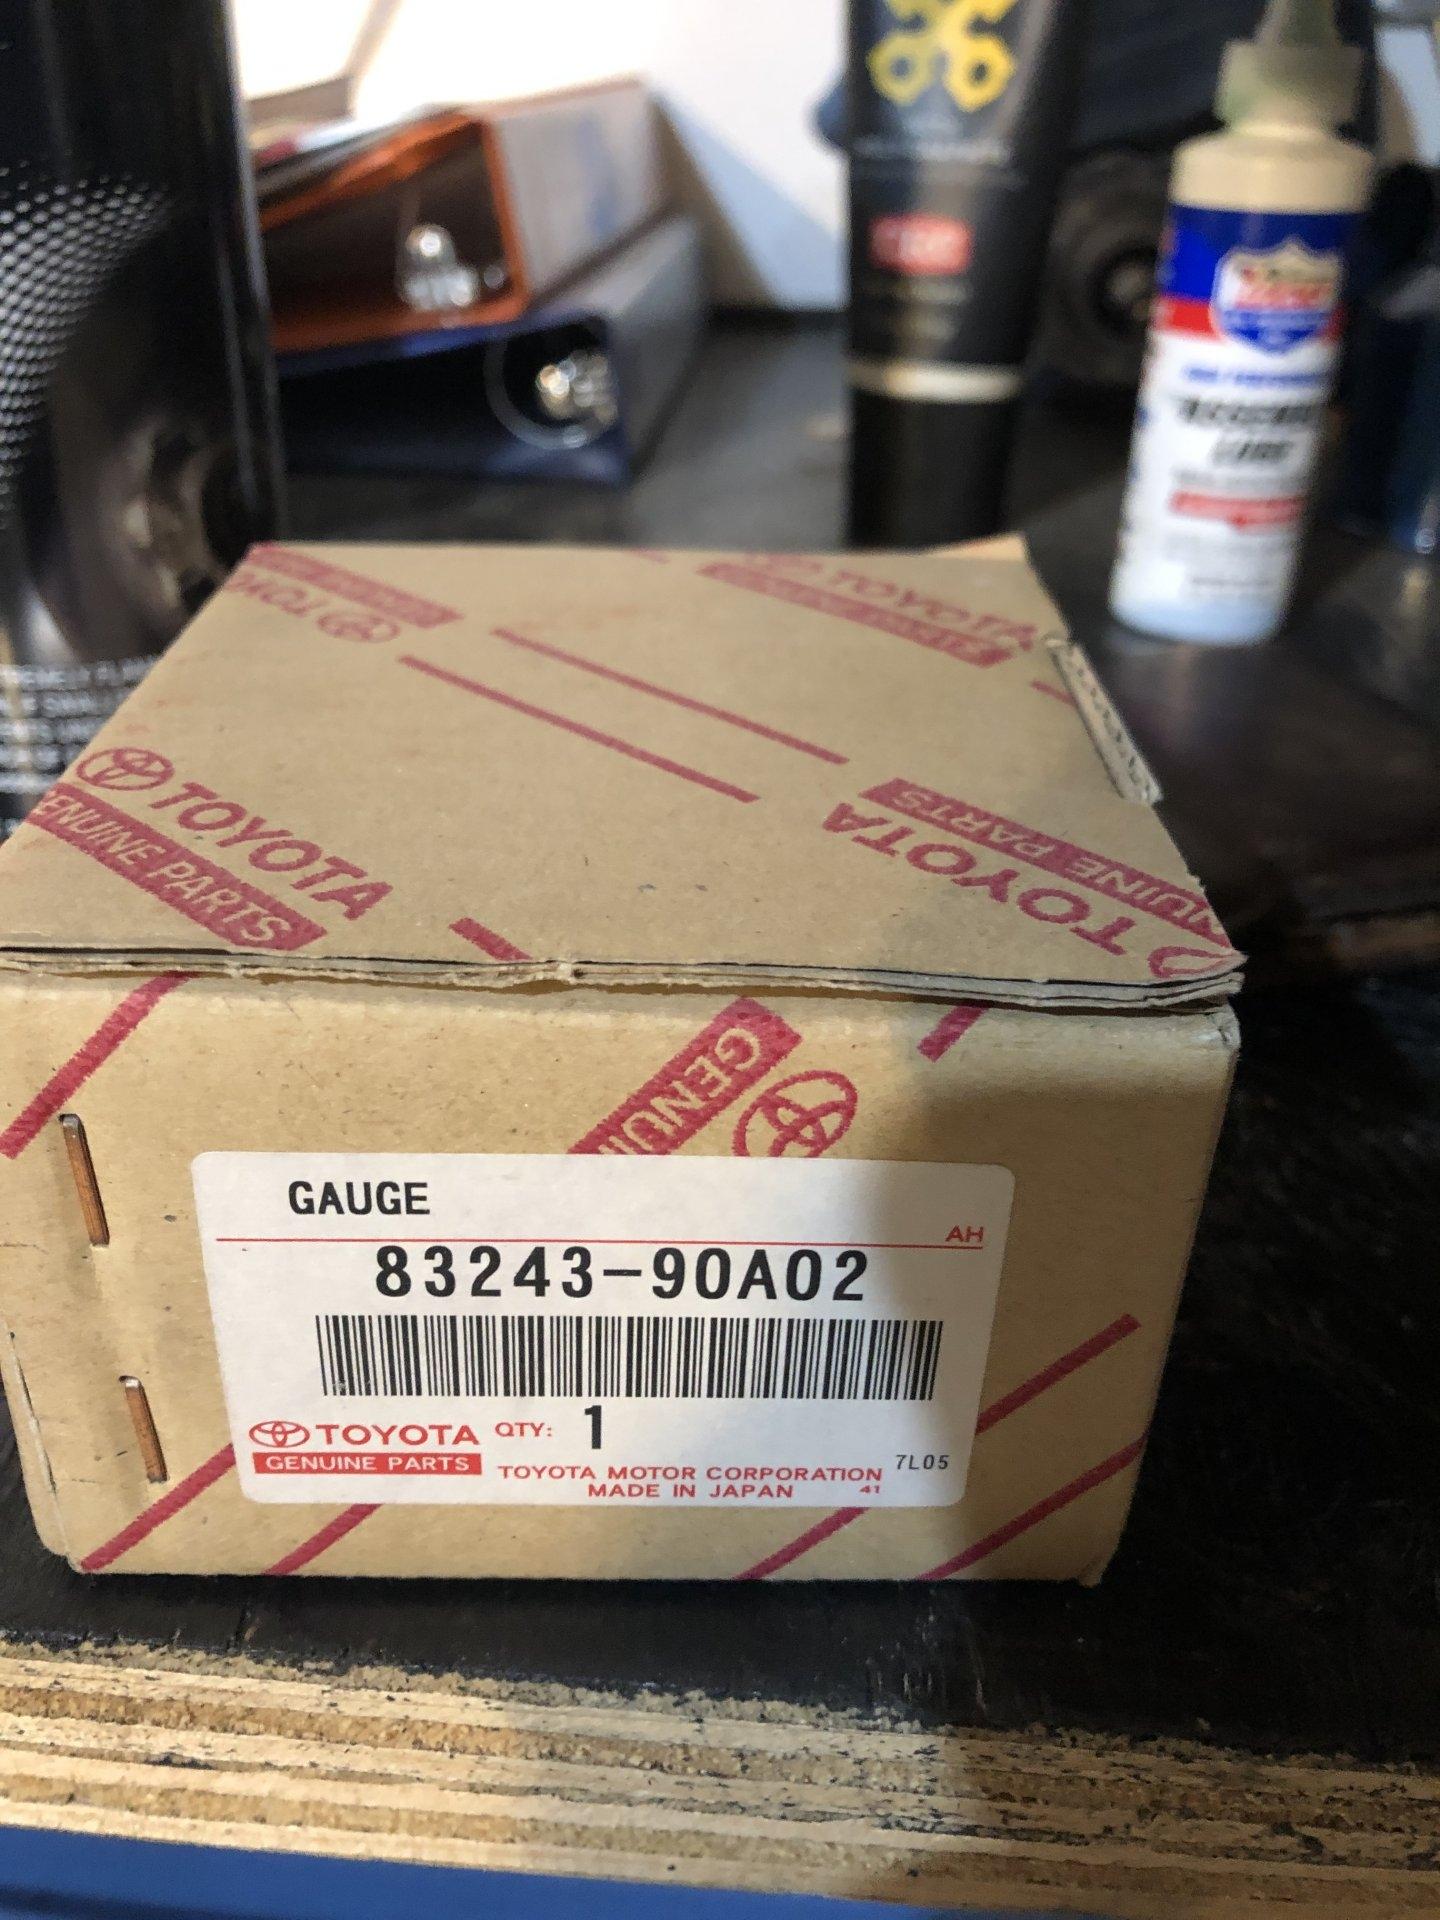 C14318E4-206D-4E11-AE2F-F40BF158BB12.jpeg